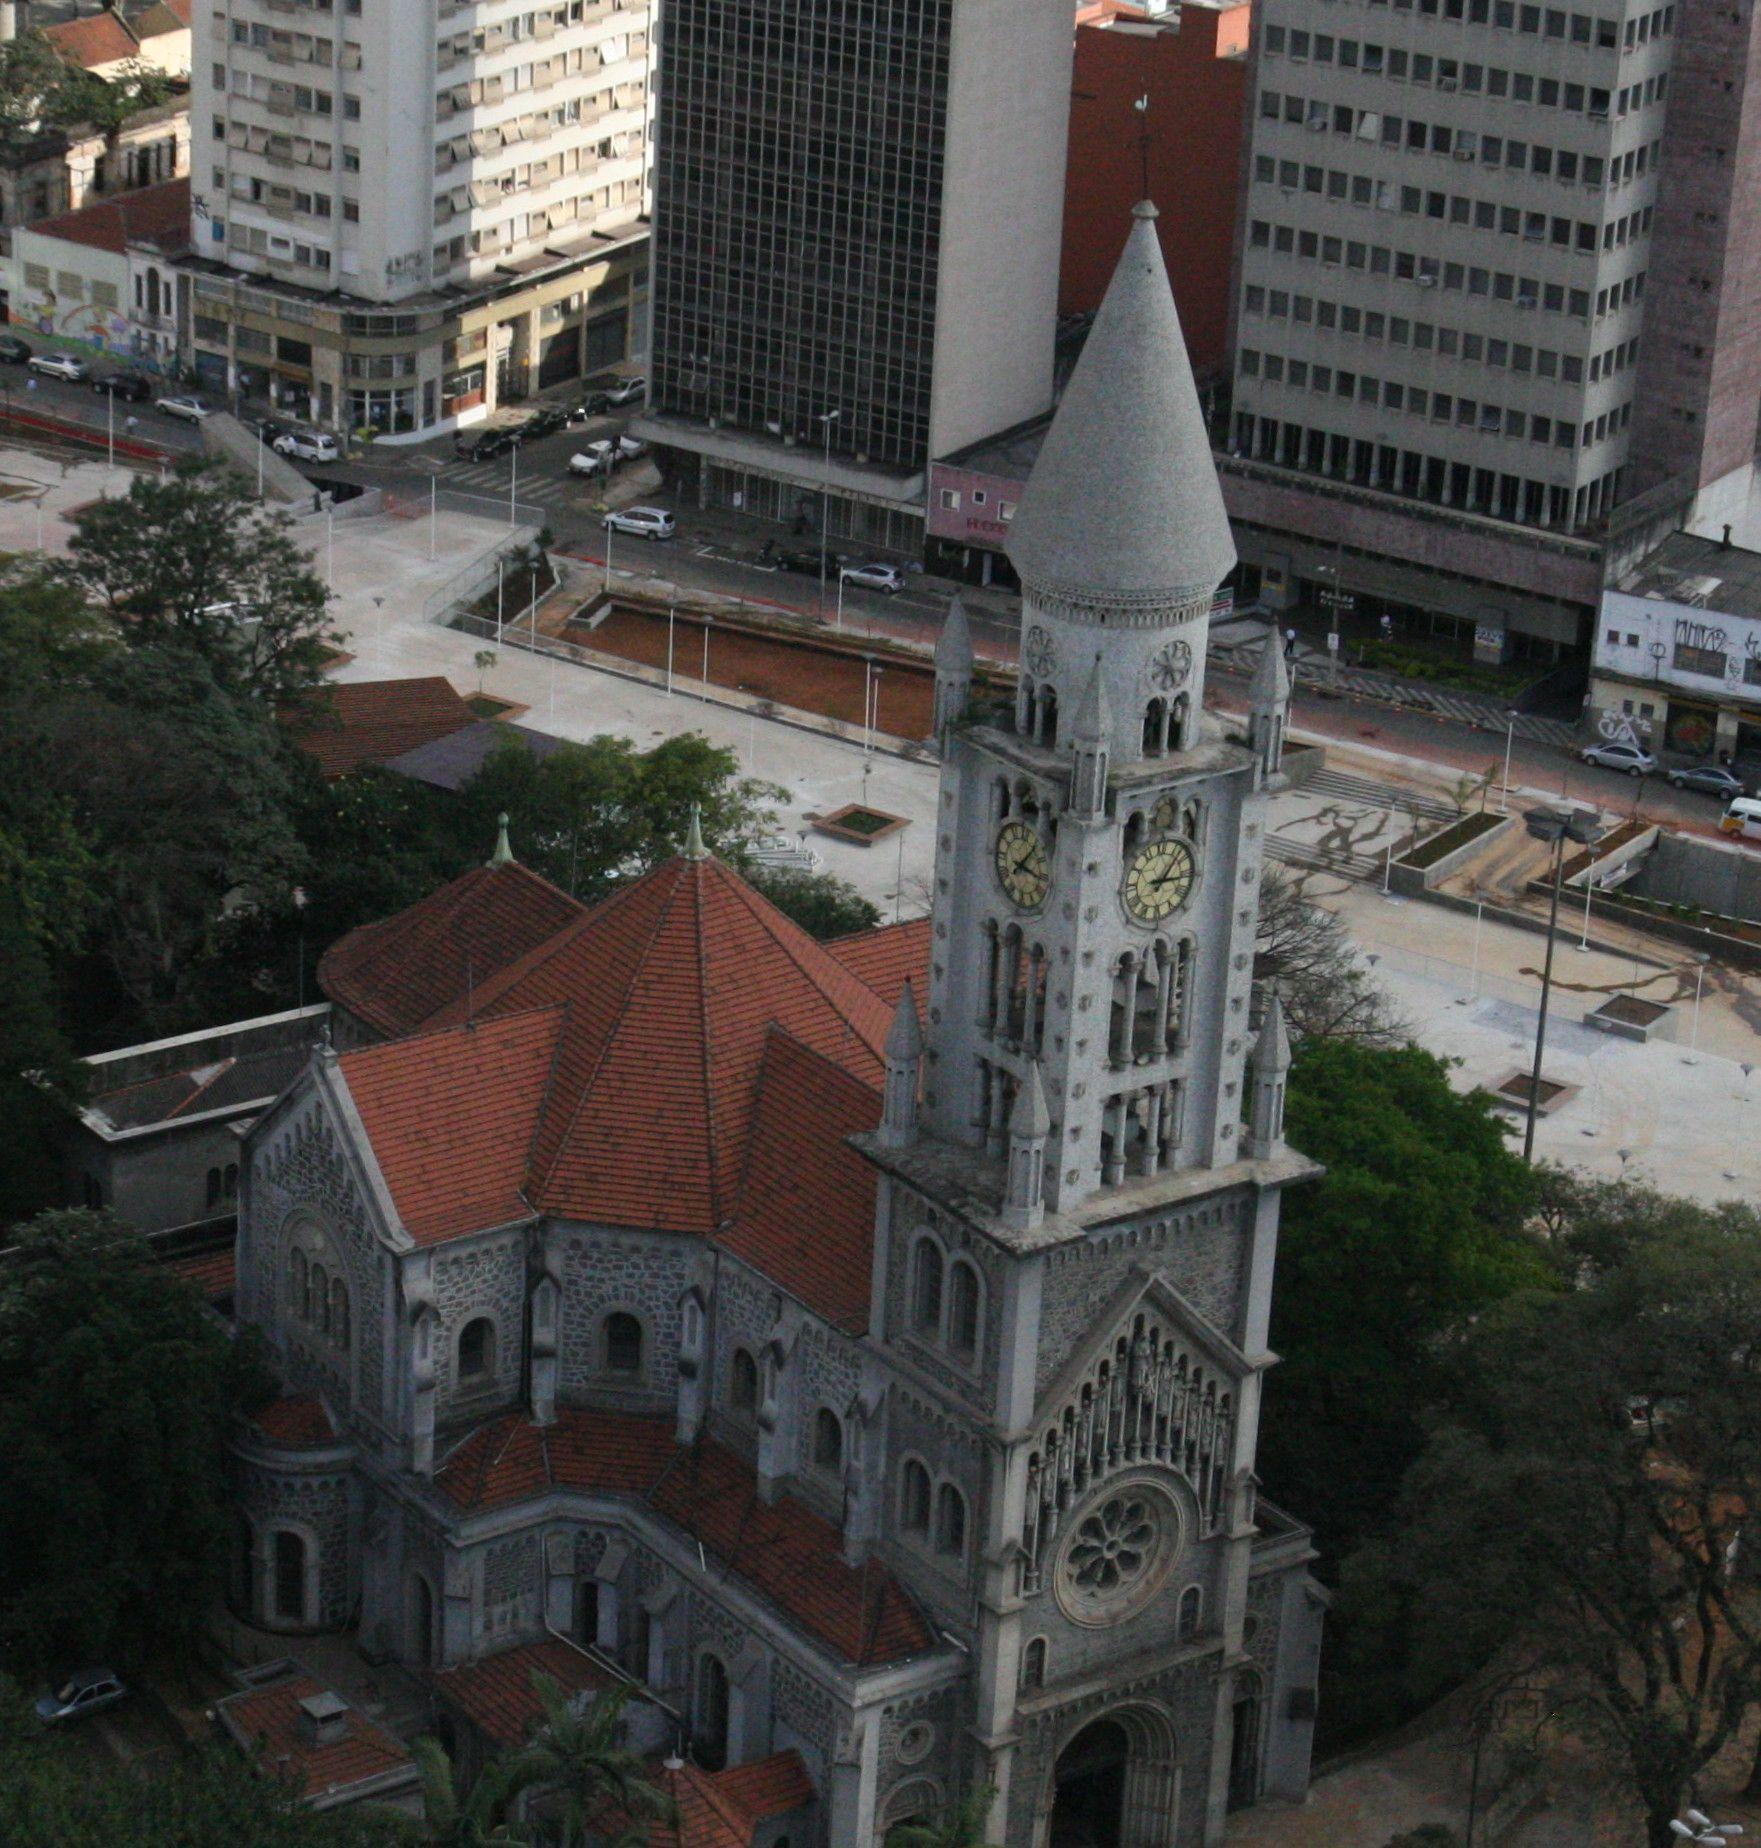 Igreja da Consolação - By Gedeaogide